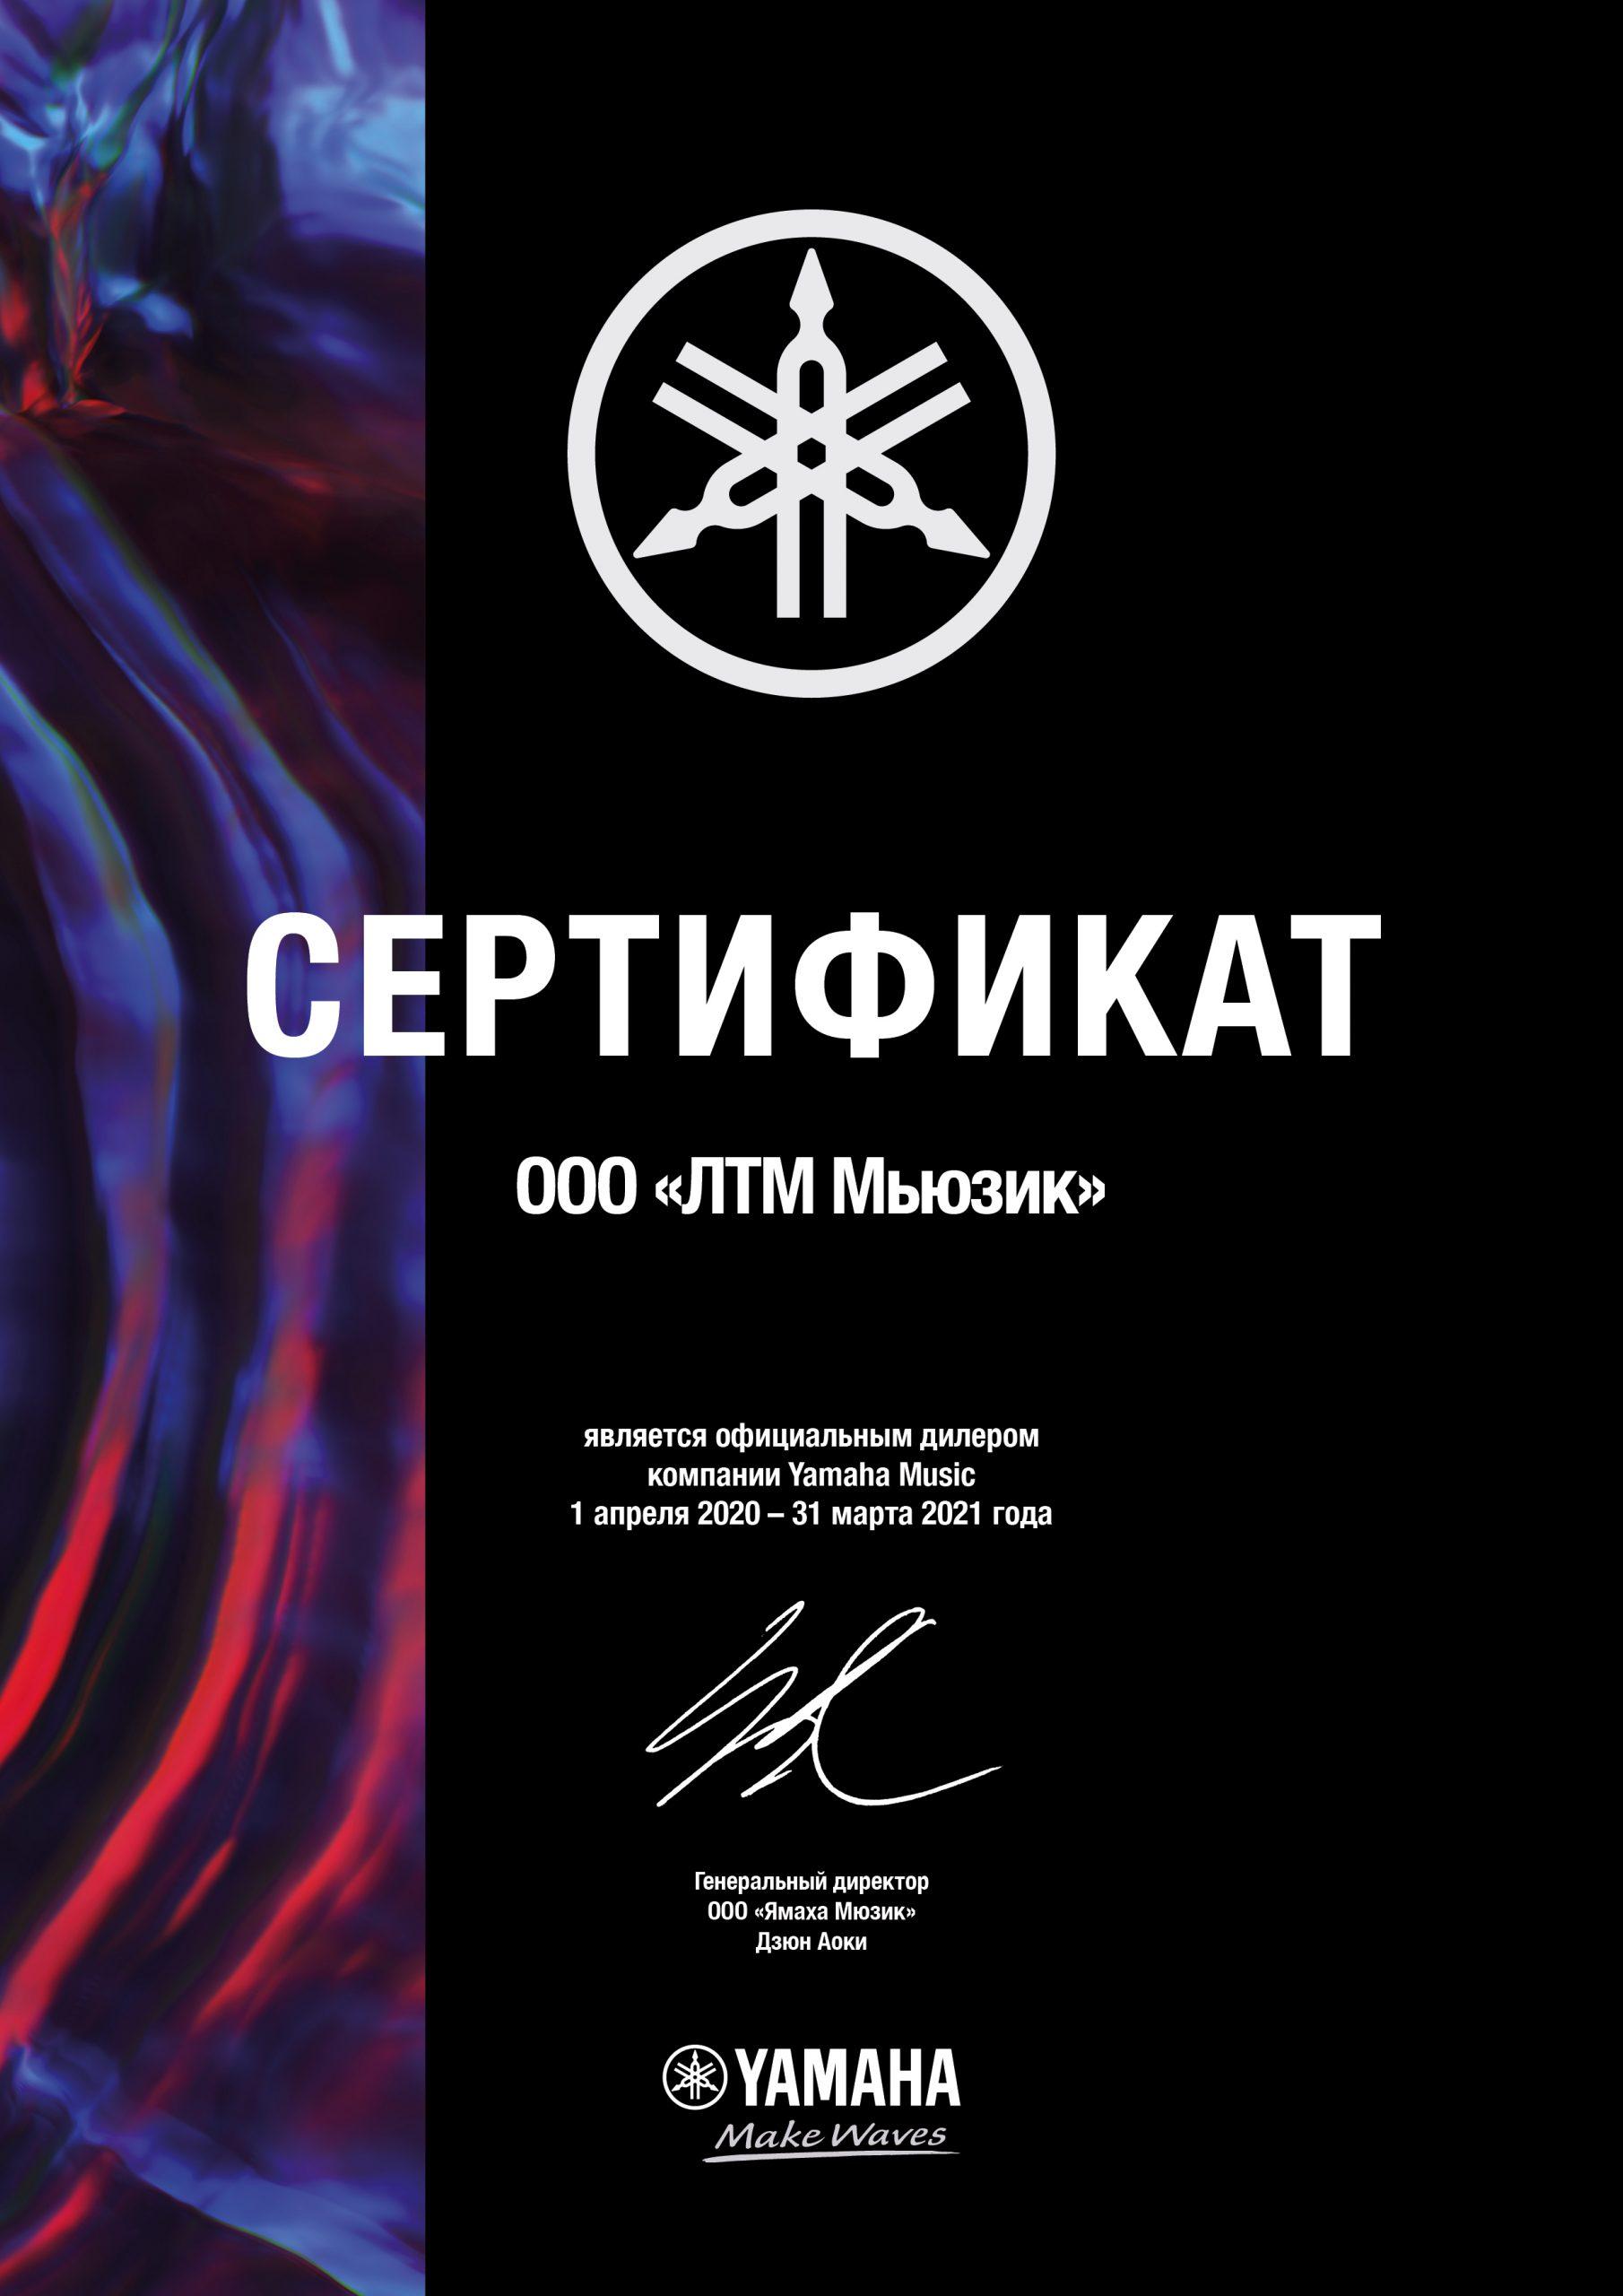 Yamaha_ЛТМ Мьюзик (2020-21)